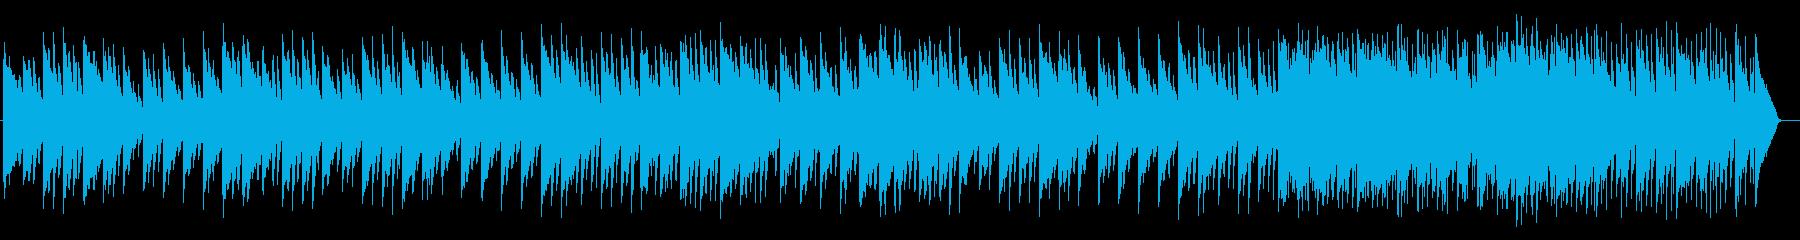 ガムランが特徴的なシンセミュージックの再生済みの波形